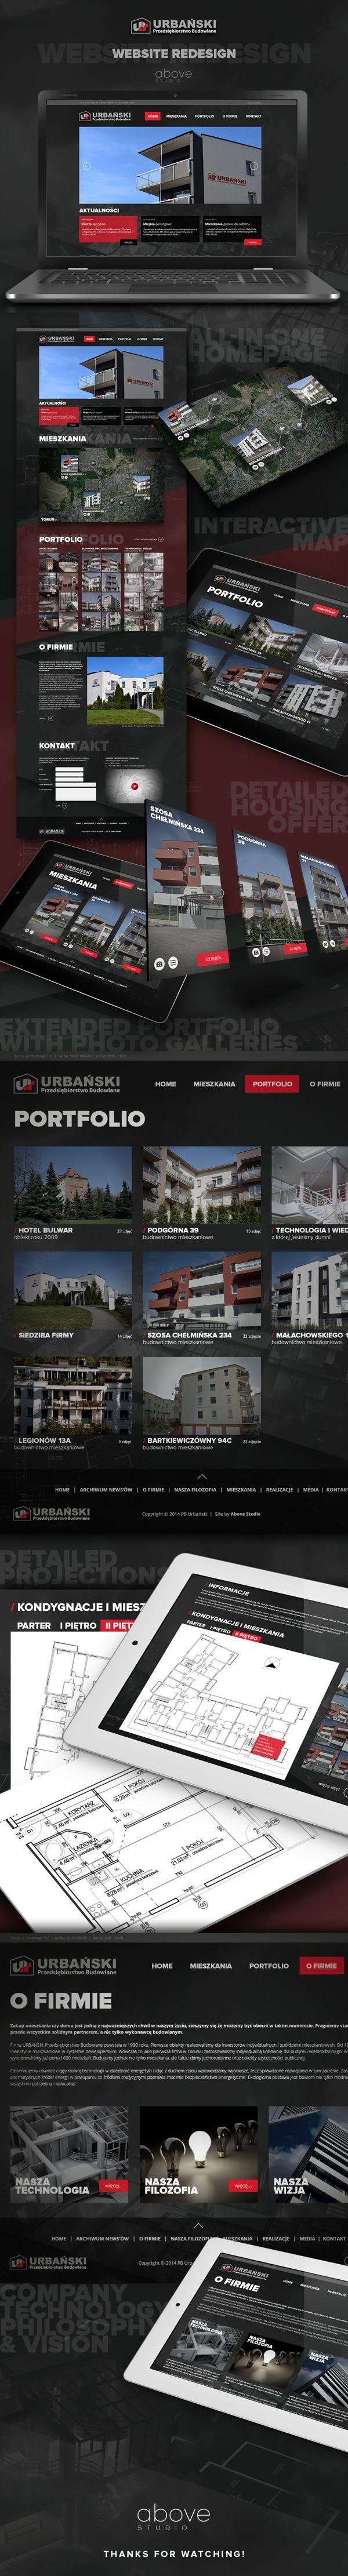 Website ReDesign for Przedsiębiorstwo Budowlane URBAŃSKI, Toruń, Poland